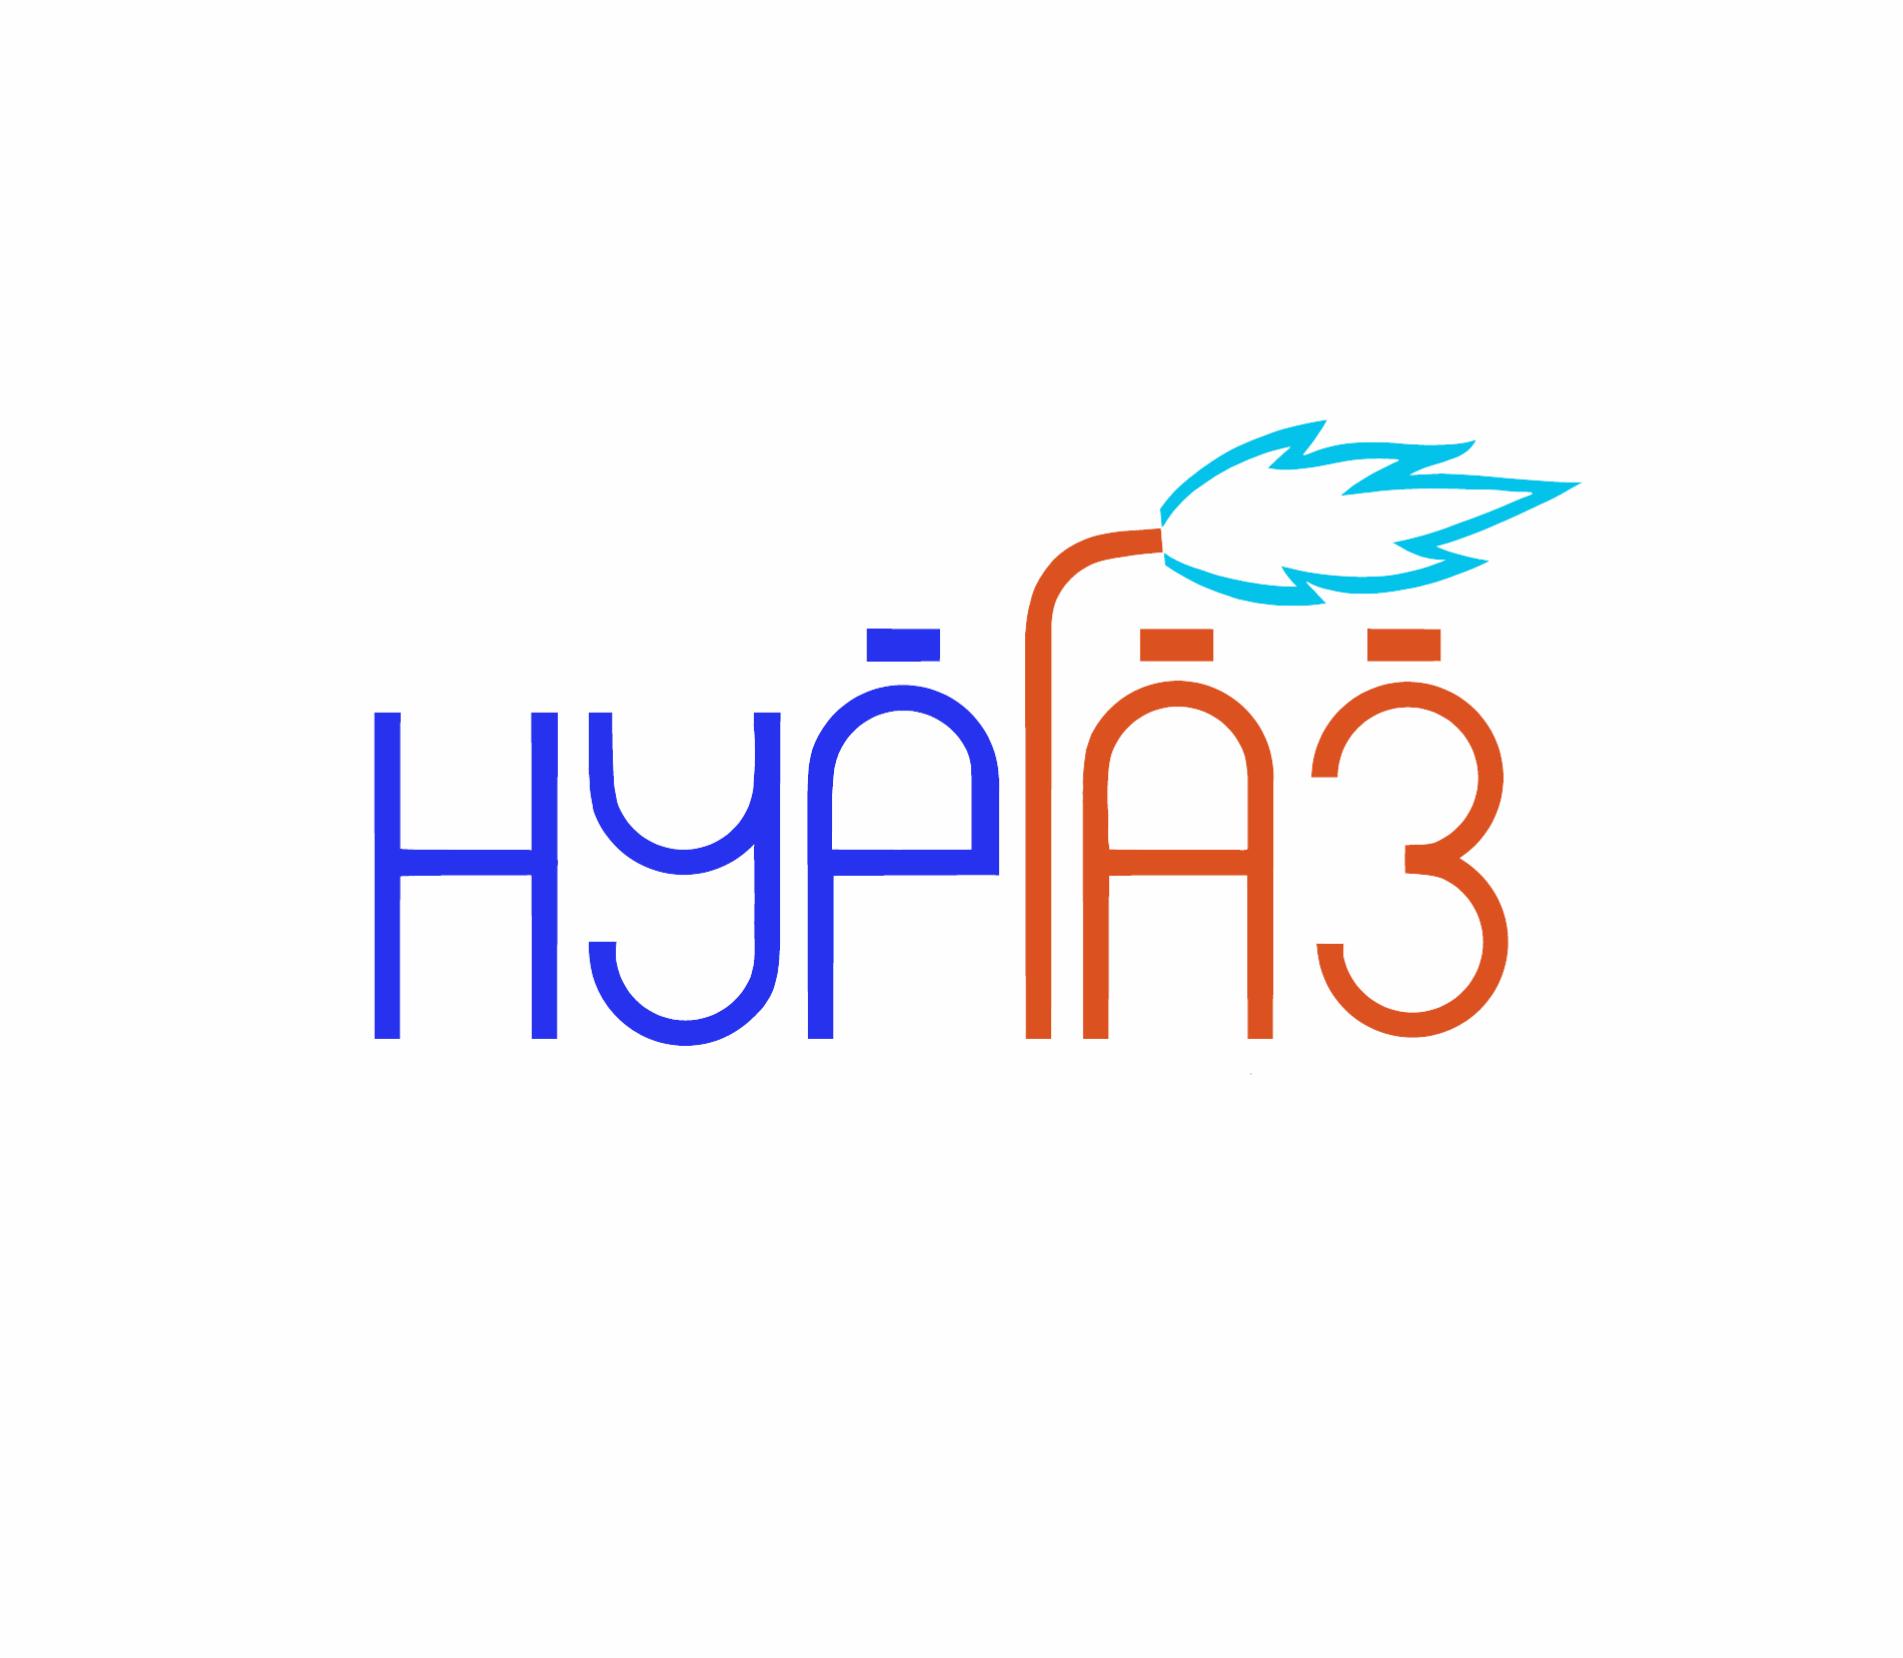 Разработка логотипа и фирменного стиля фото f_8985d984958e14bd.png